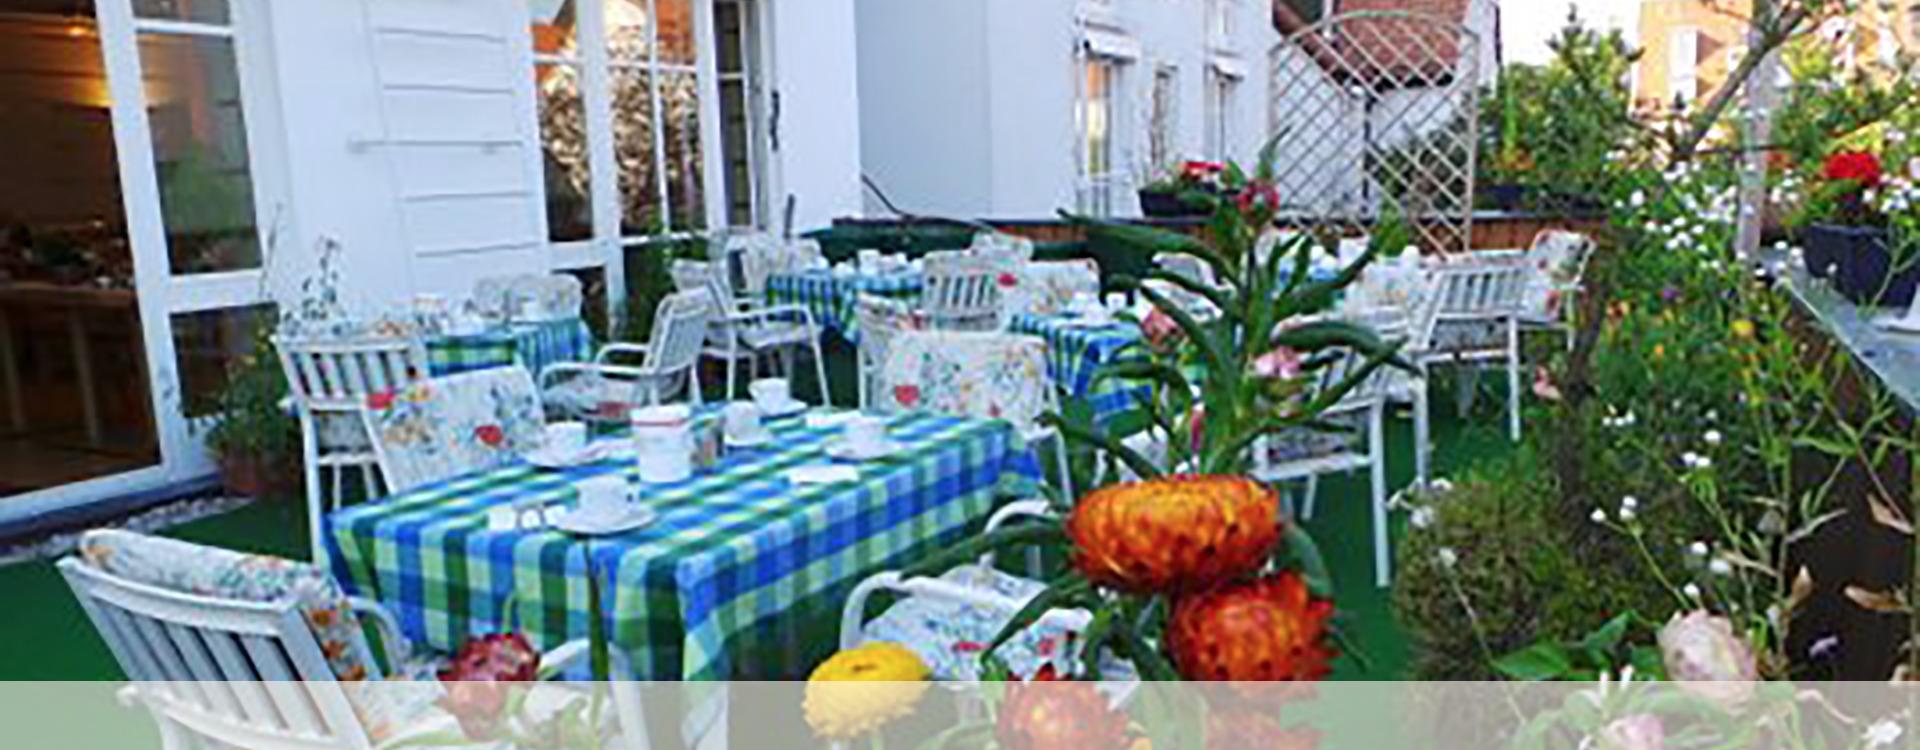 Hotelfrühstück in Eichenau auf der Terrasse